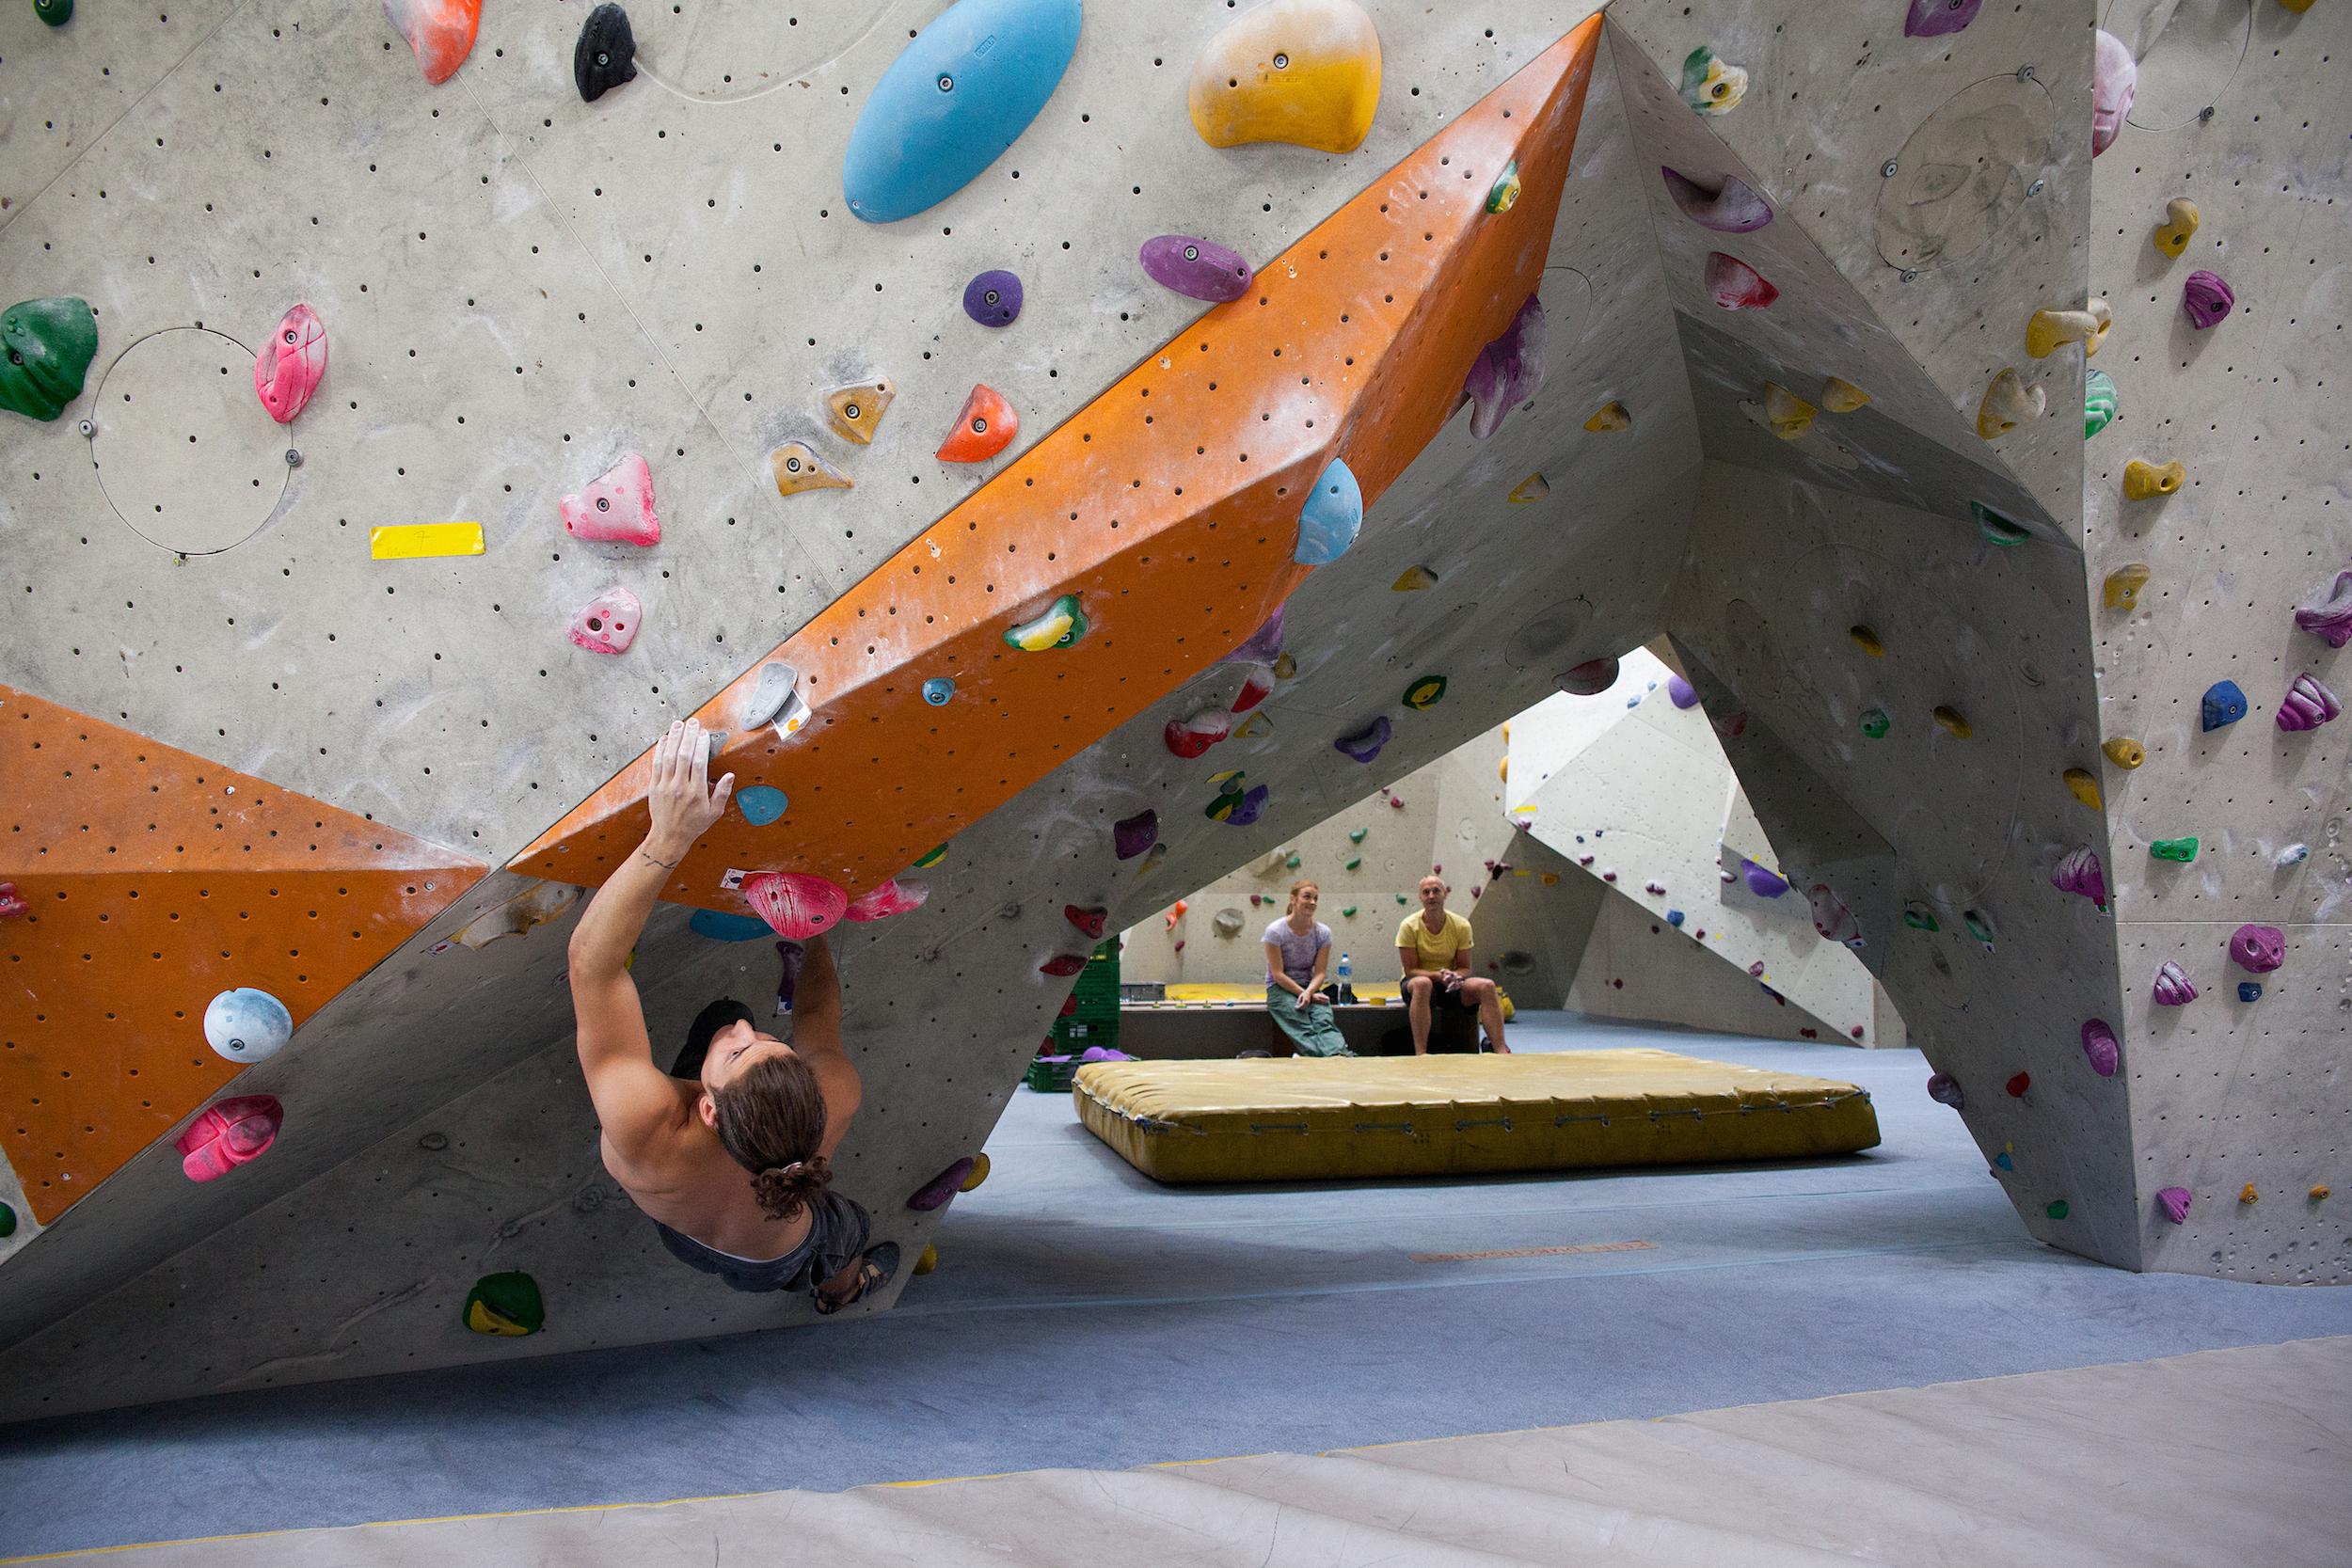 In der Boulderhalle B2 in Pratteln trainierte Marvin Silva wöchentlich rund 20 Stunden.